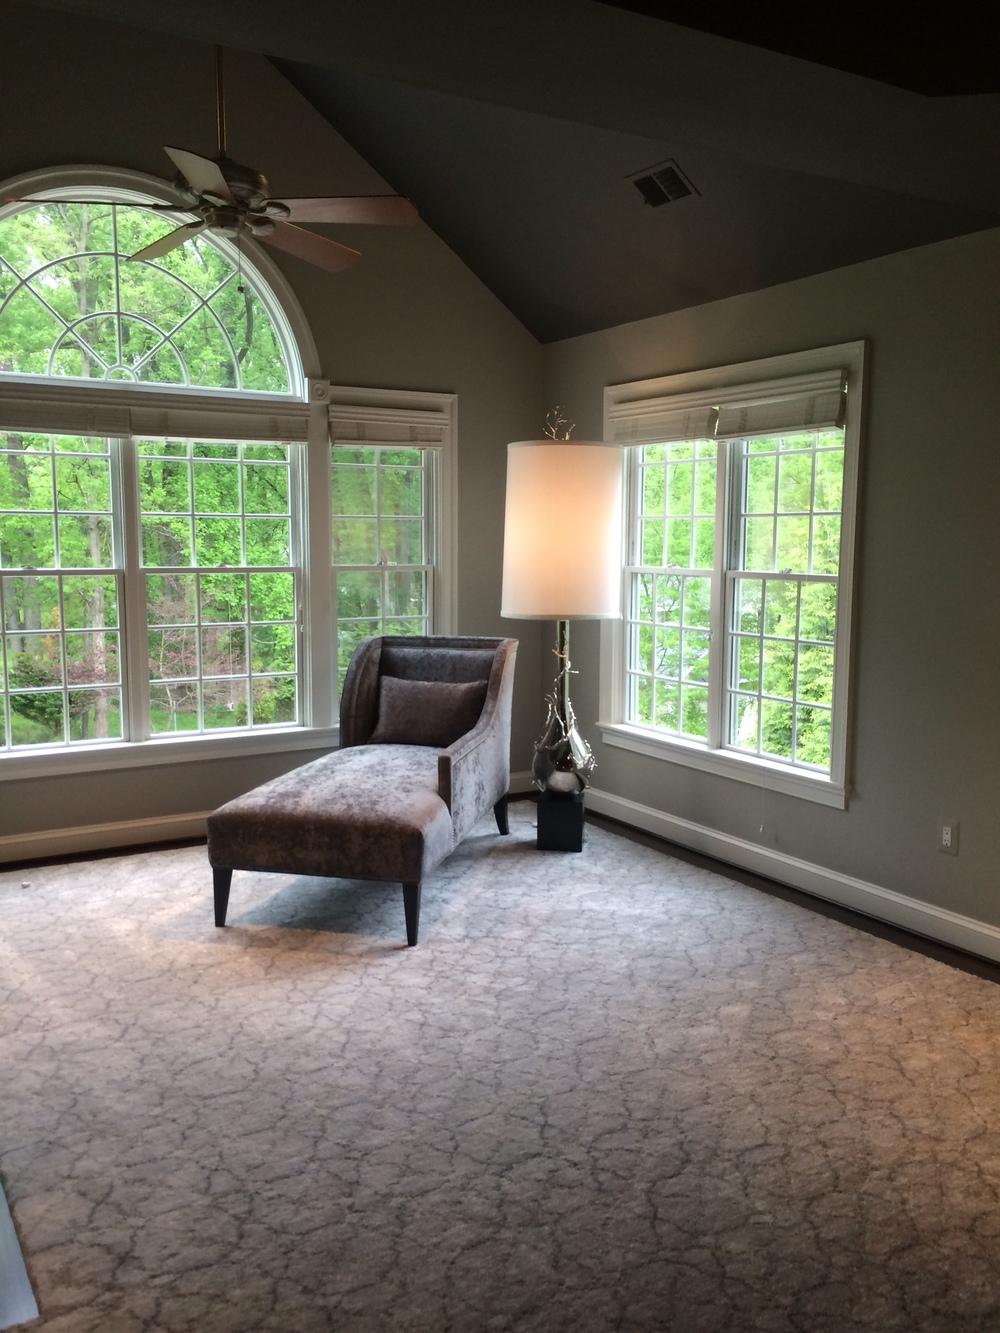 Katie's+bedroom+after+photo+1.jpg